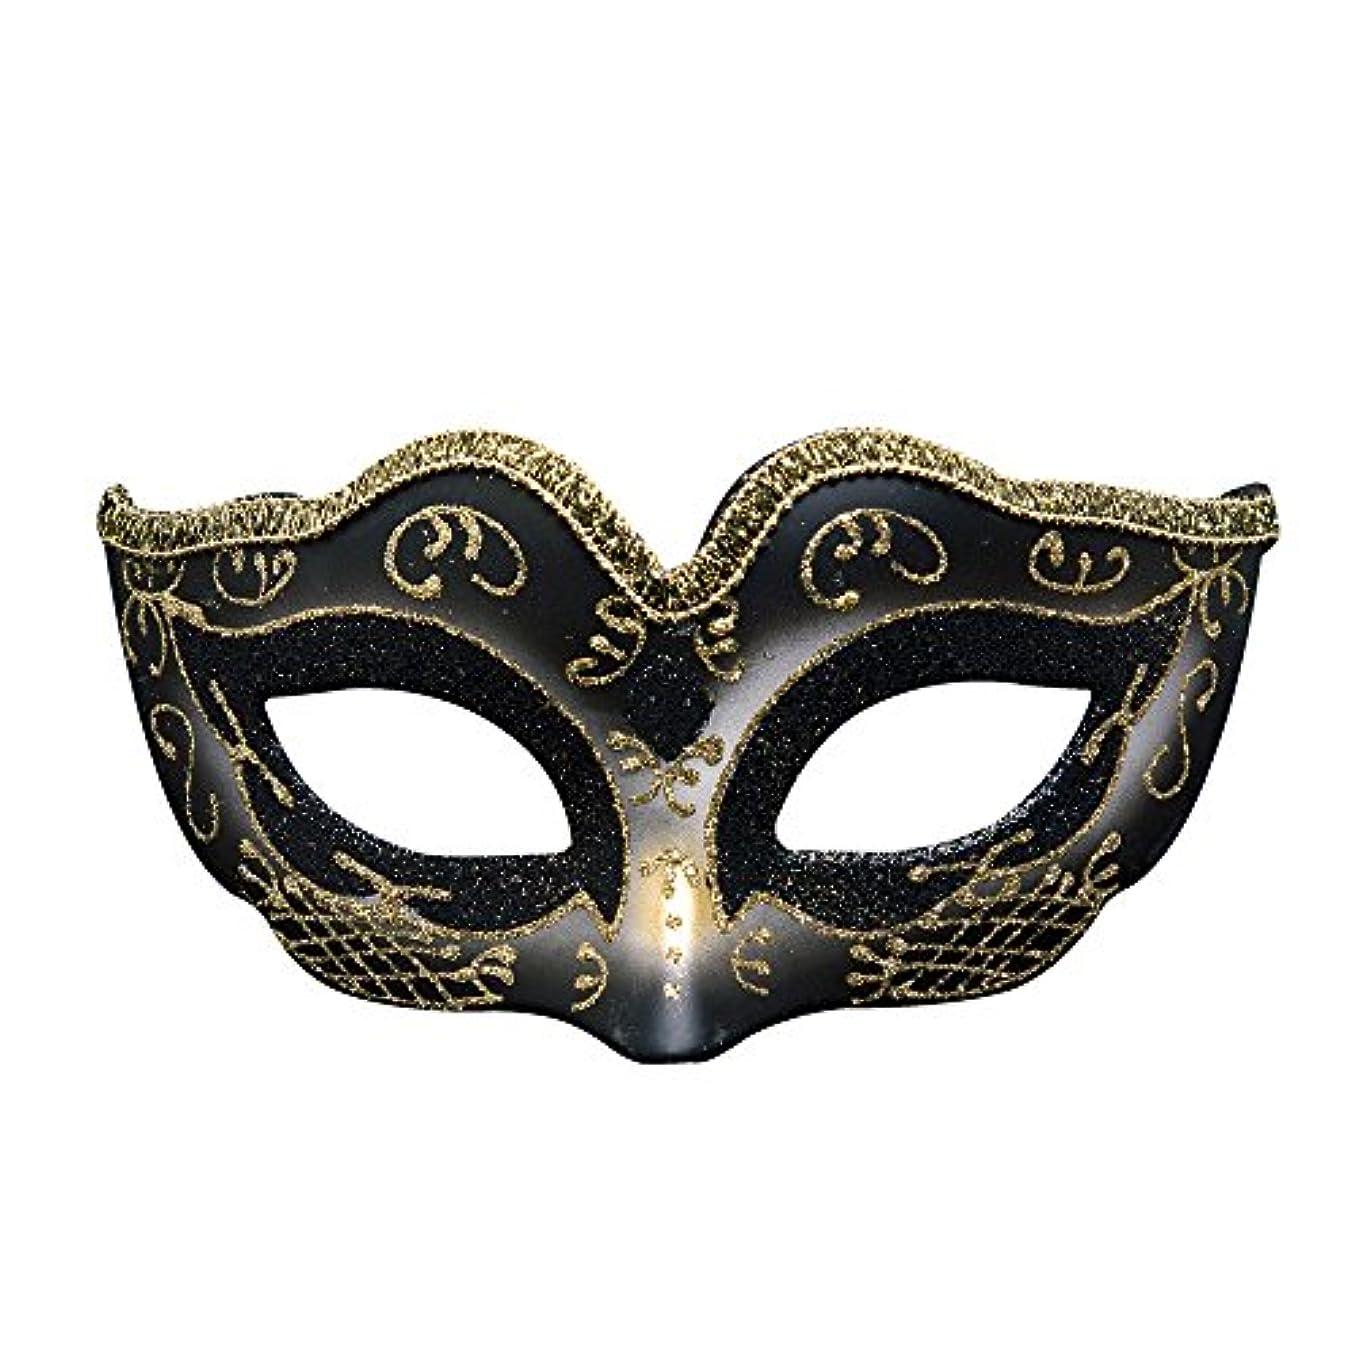 お祝い逃すメールクリエイティブカスタム子供のなりすましパーティーハロウィーンマスククリスマス雰囲気マスク (Color : D)